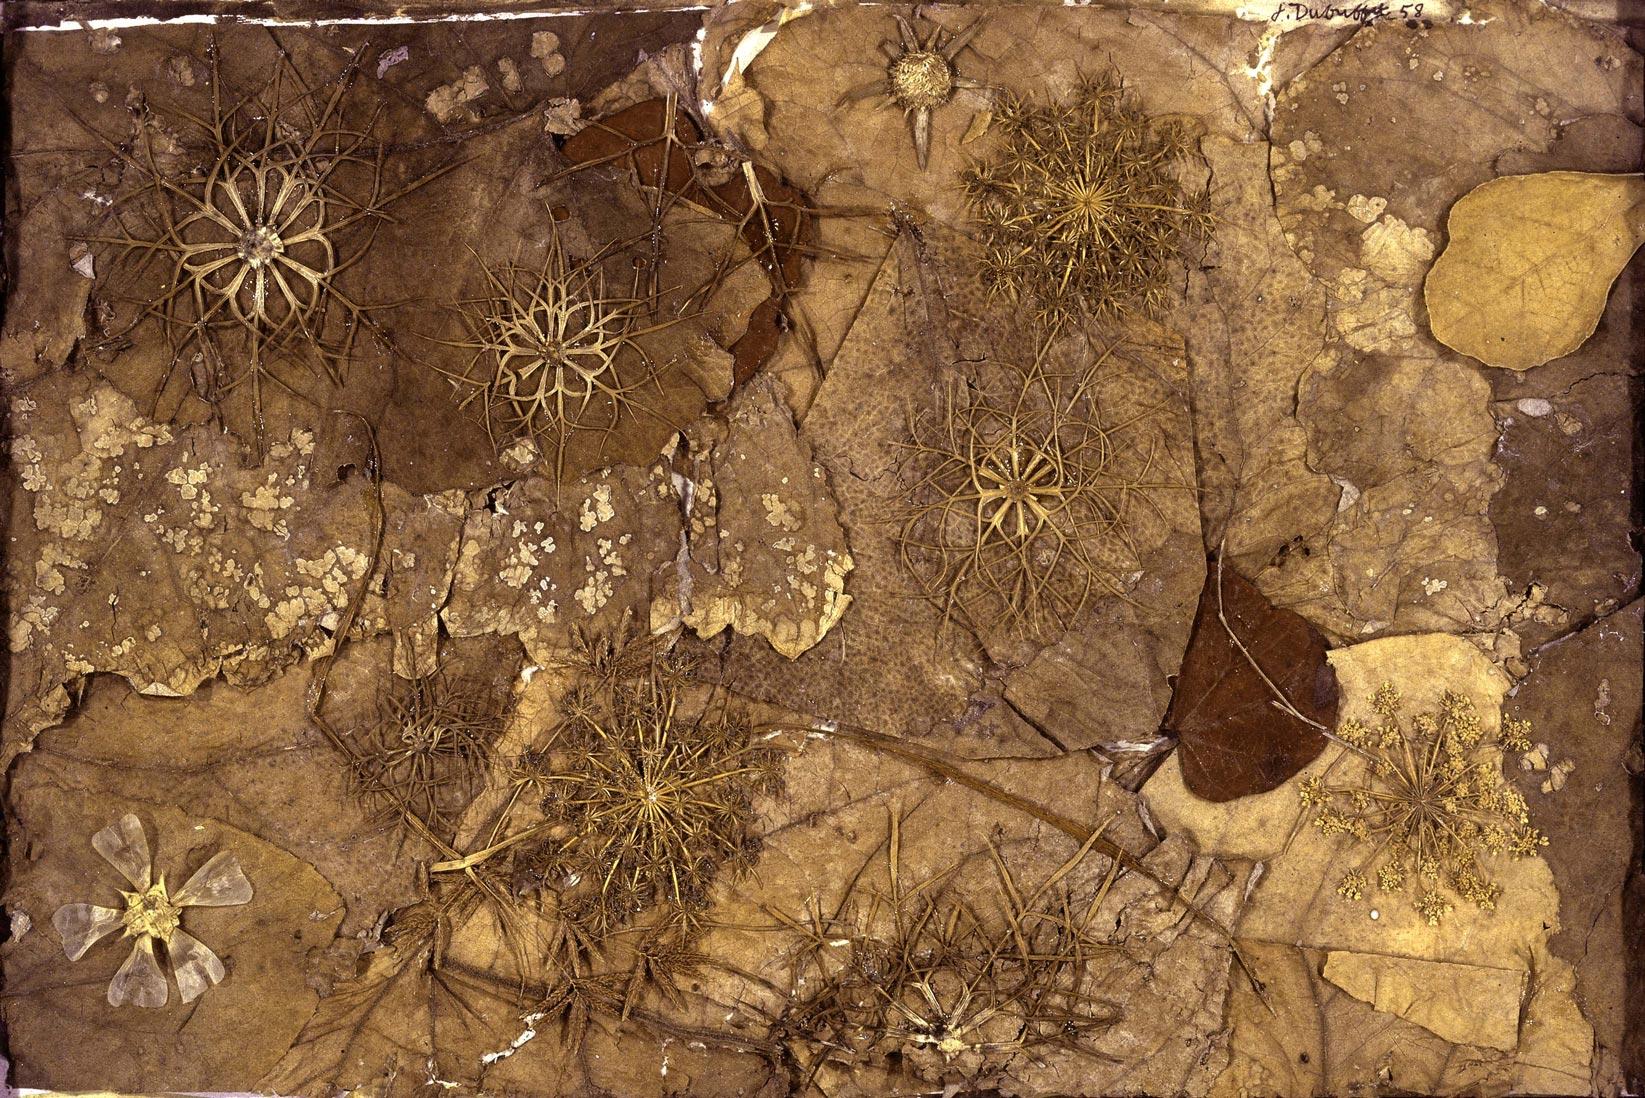 """""""Jardin au sol"""" de Jean Dubuffet, automne 1958.  Éléments botaniques, 24,5 x 37,5 cm Collection Fondation Dubuffet, Paris © Fondation Dubuffet/ADAGP, Paris, 2017"""